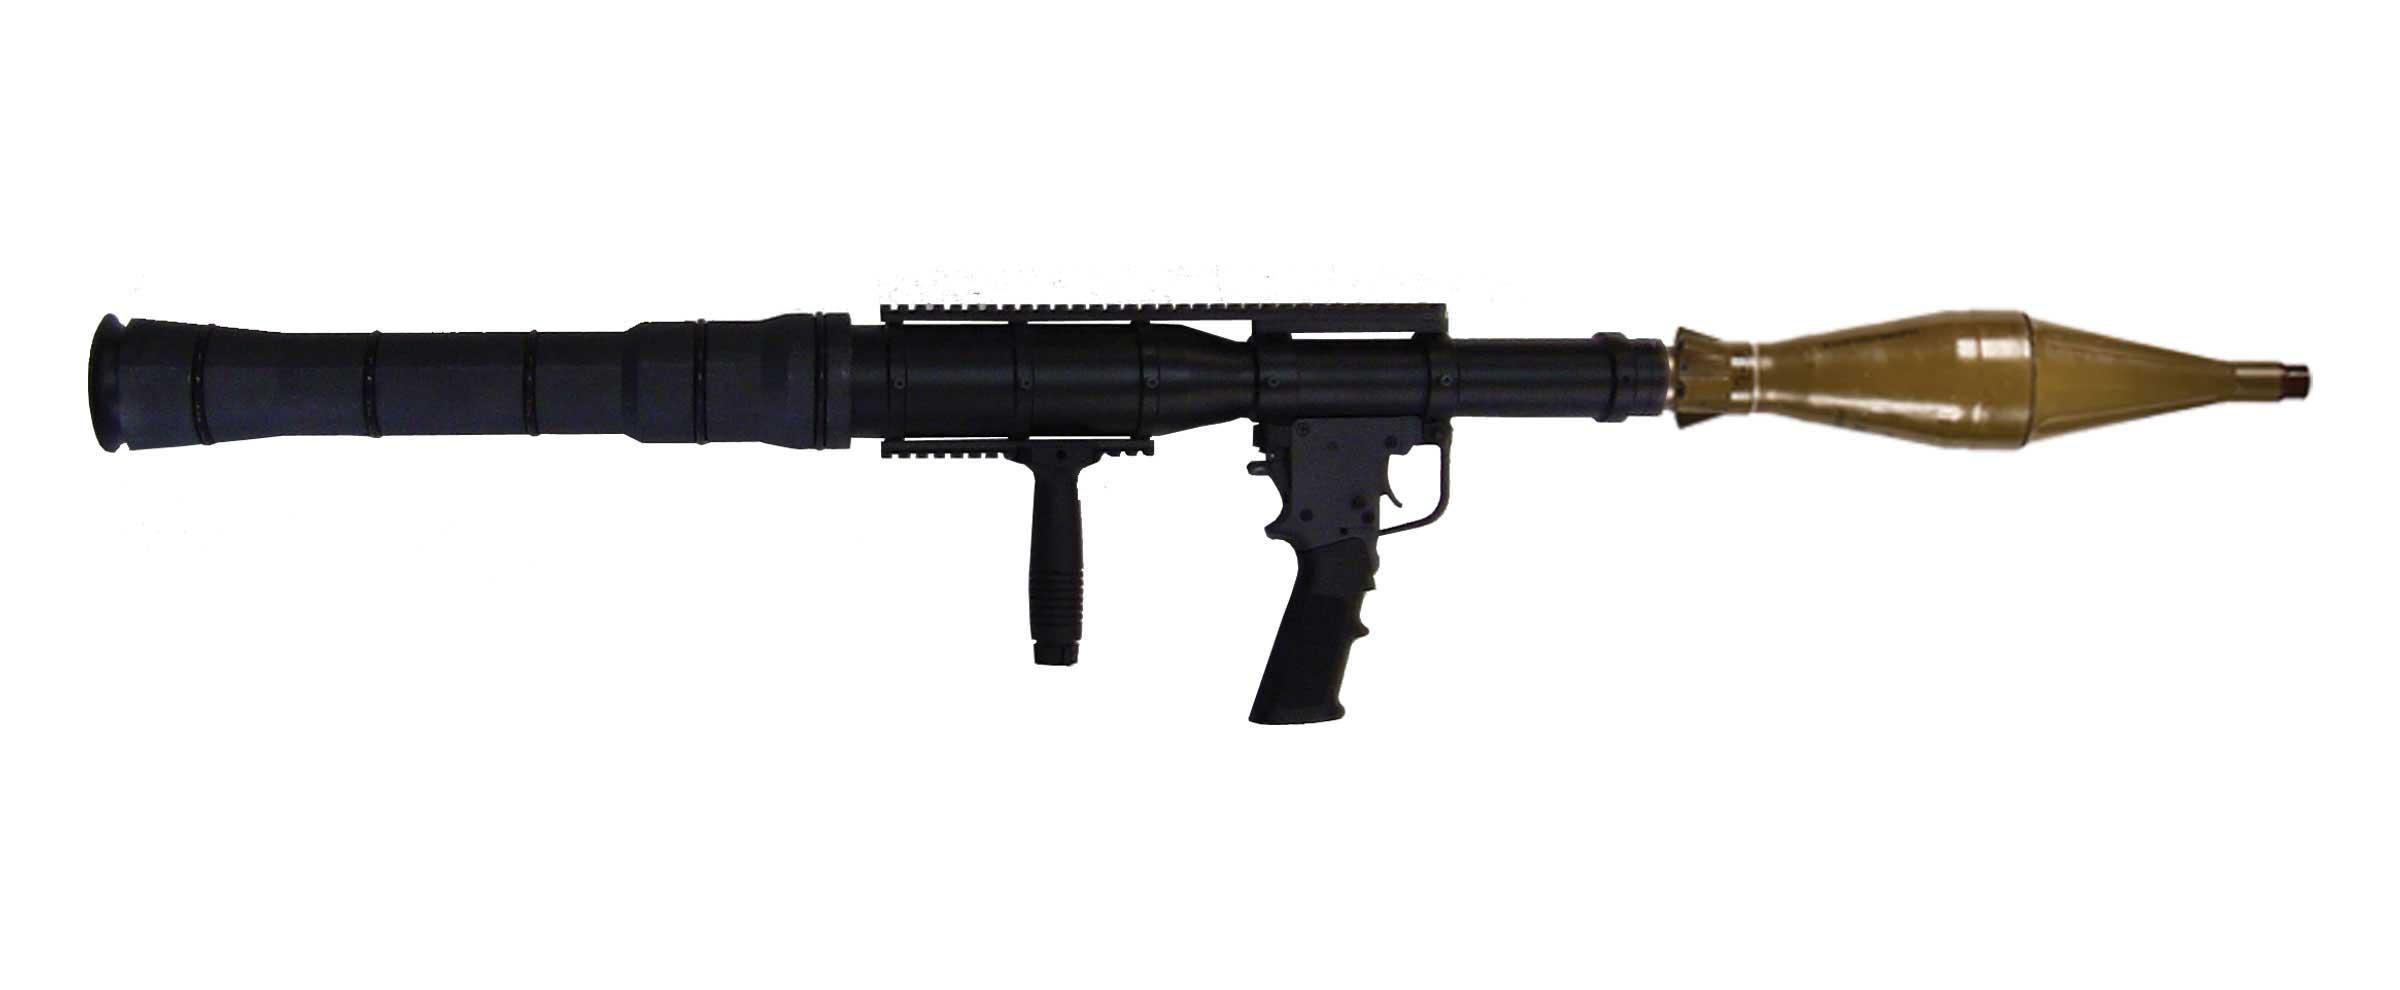 rpg-72